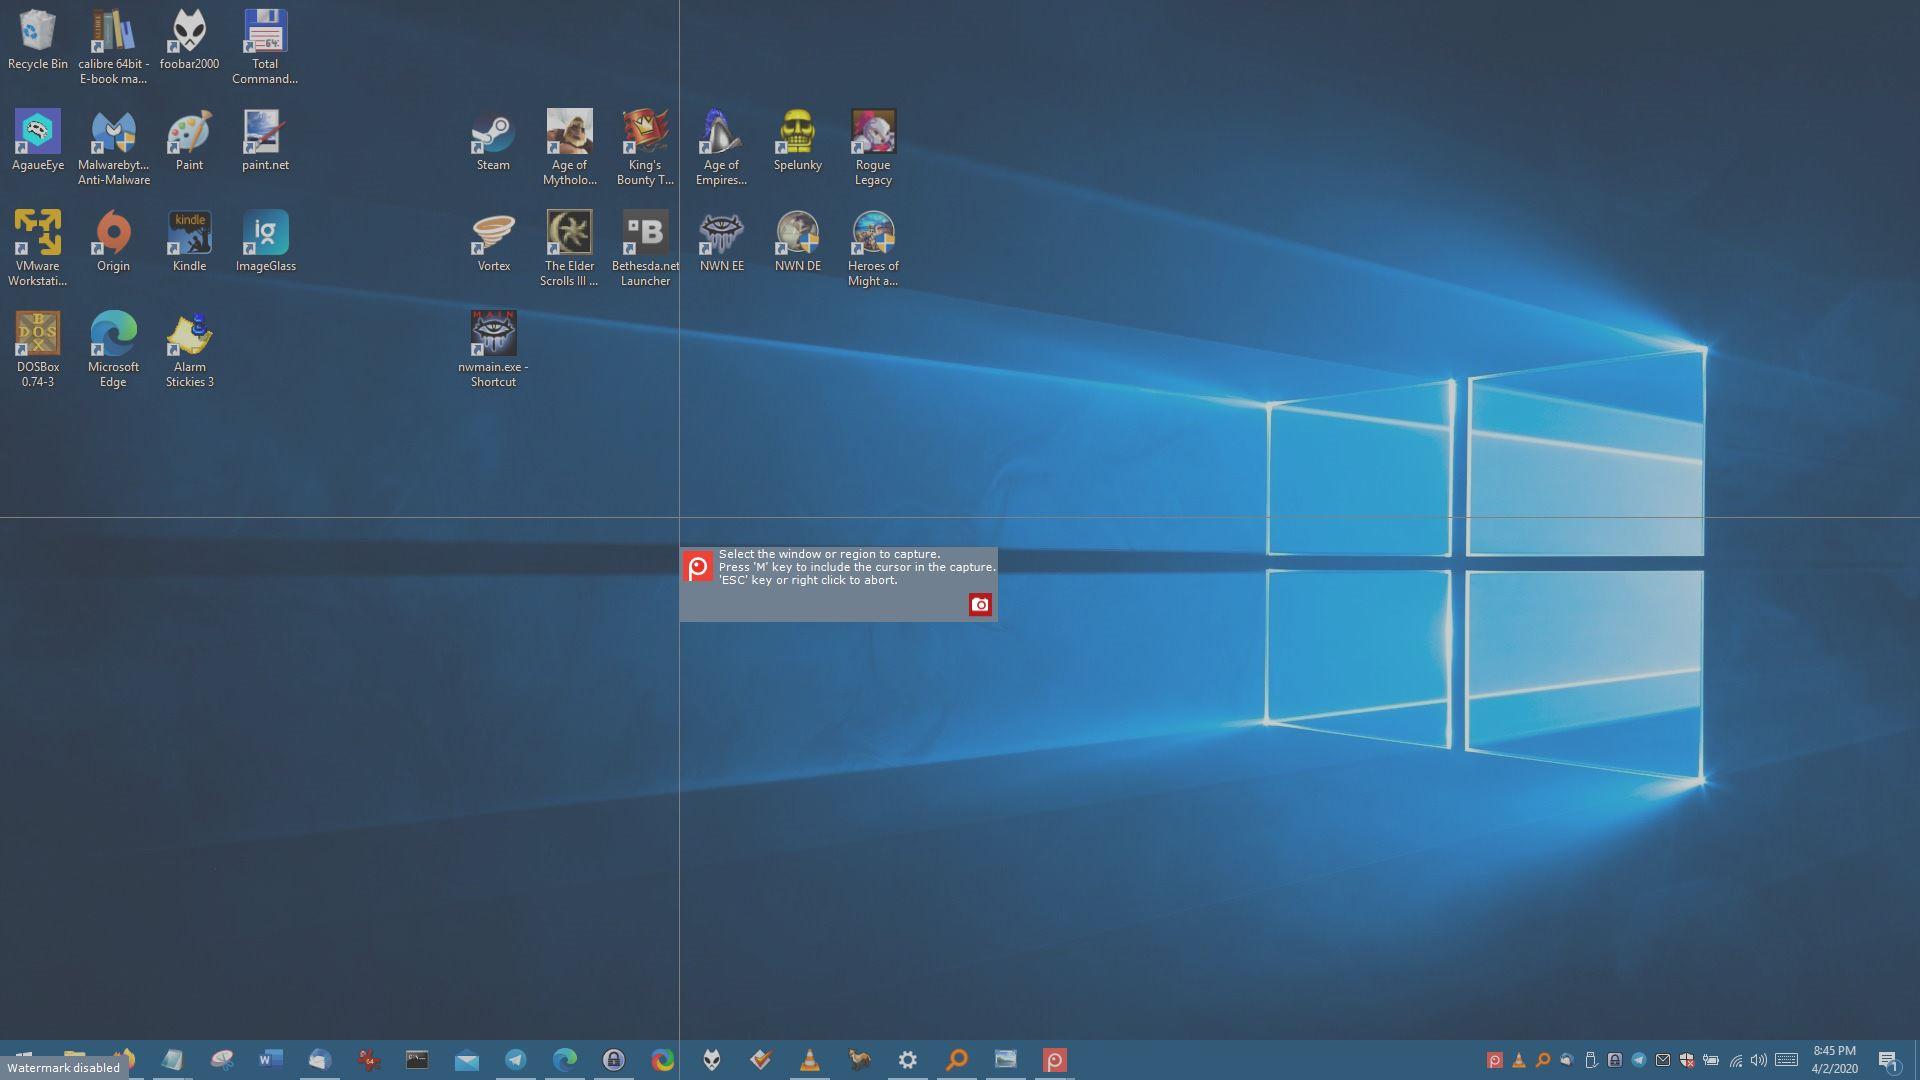 Captura capturas de pantalla, tomas retardadas, instantáneas en movimiento, y edítalas con Screenpresso